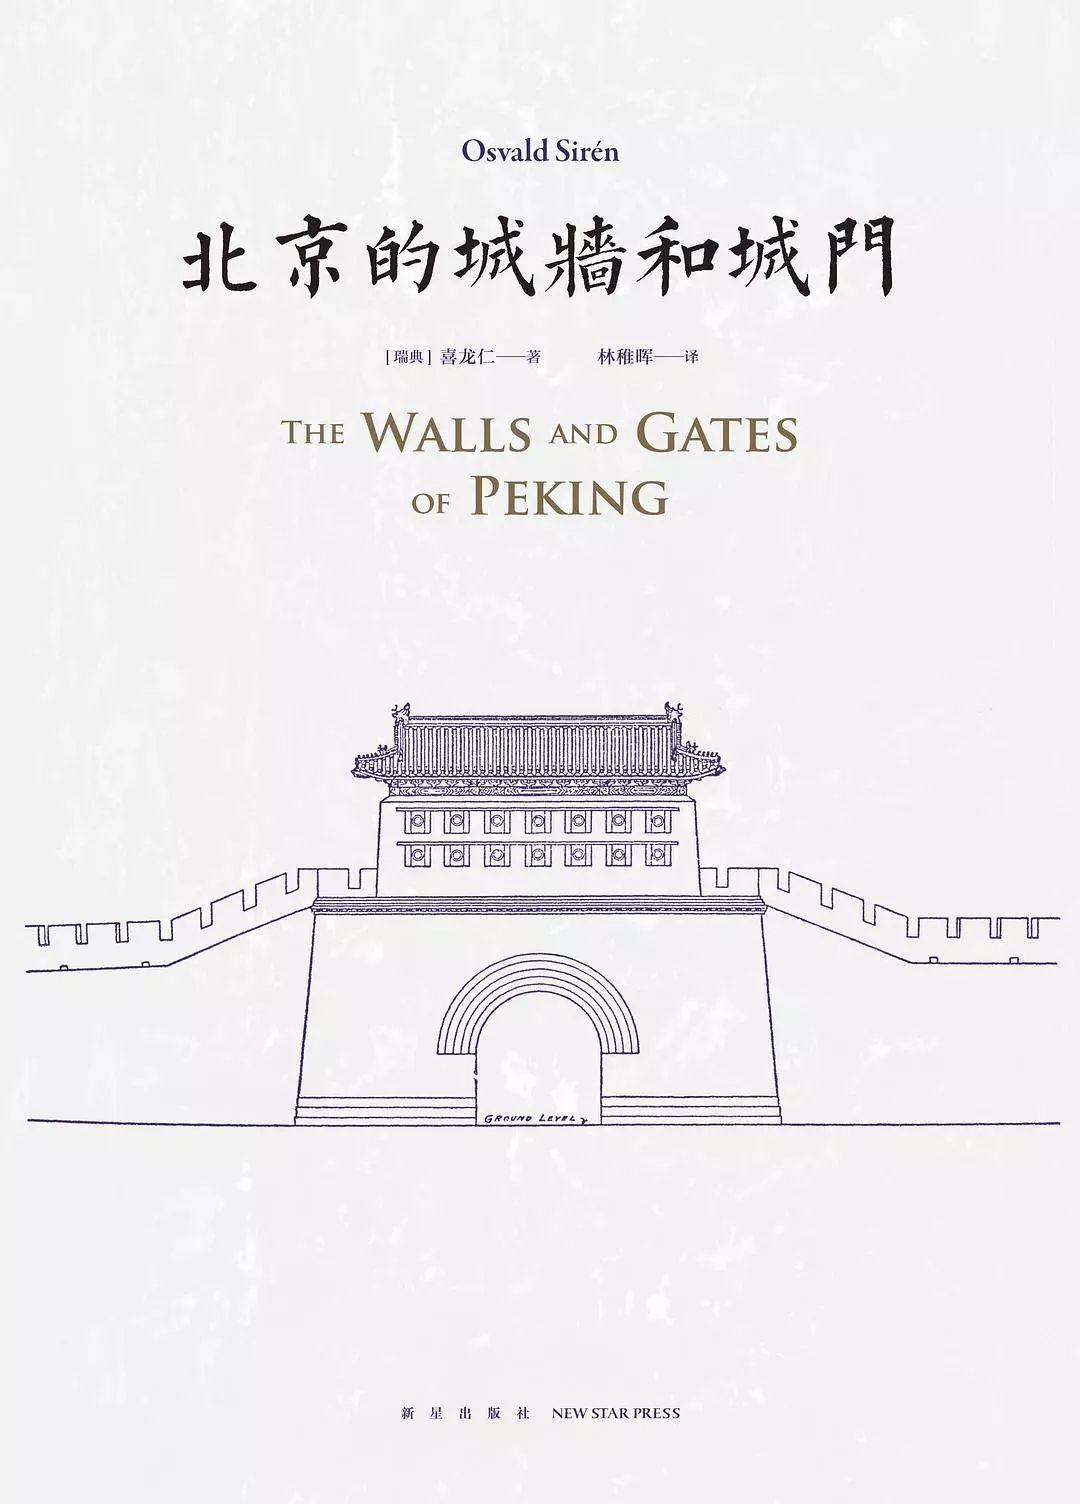 北京的城墙和城门:被记录的和被遗忘的